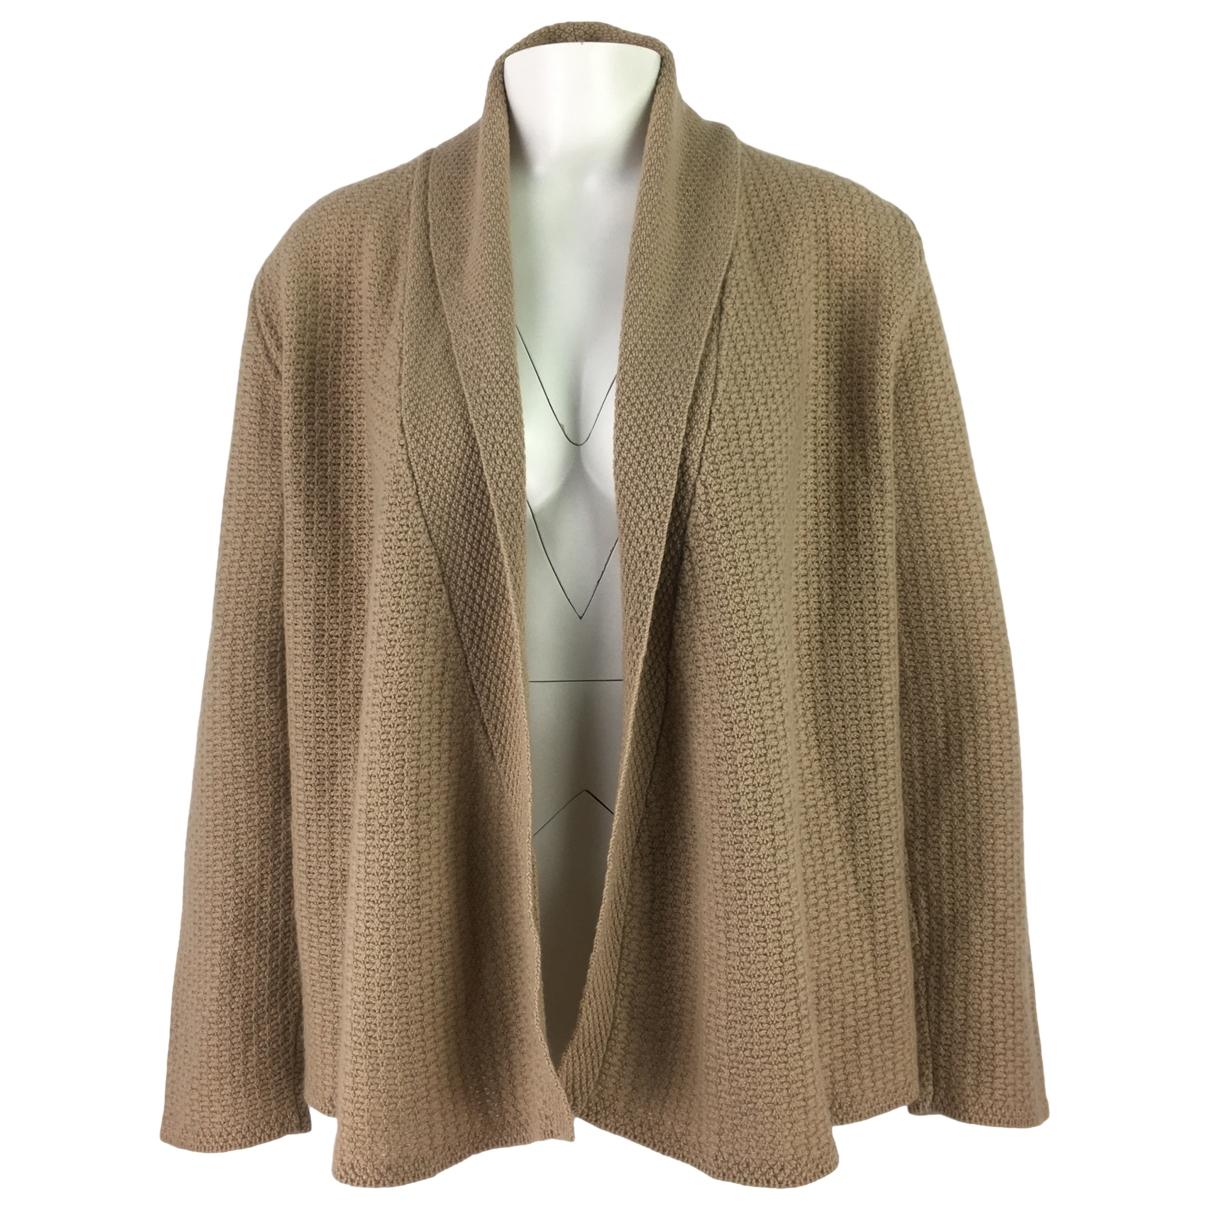 Jil Sander \N Beige Cashmere Knitwear for Women M International